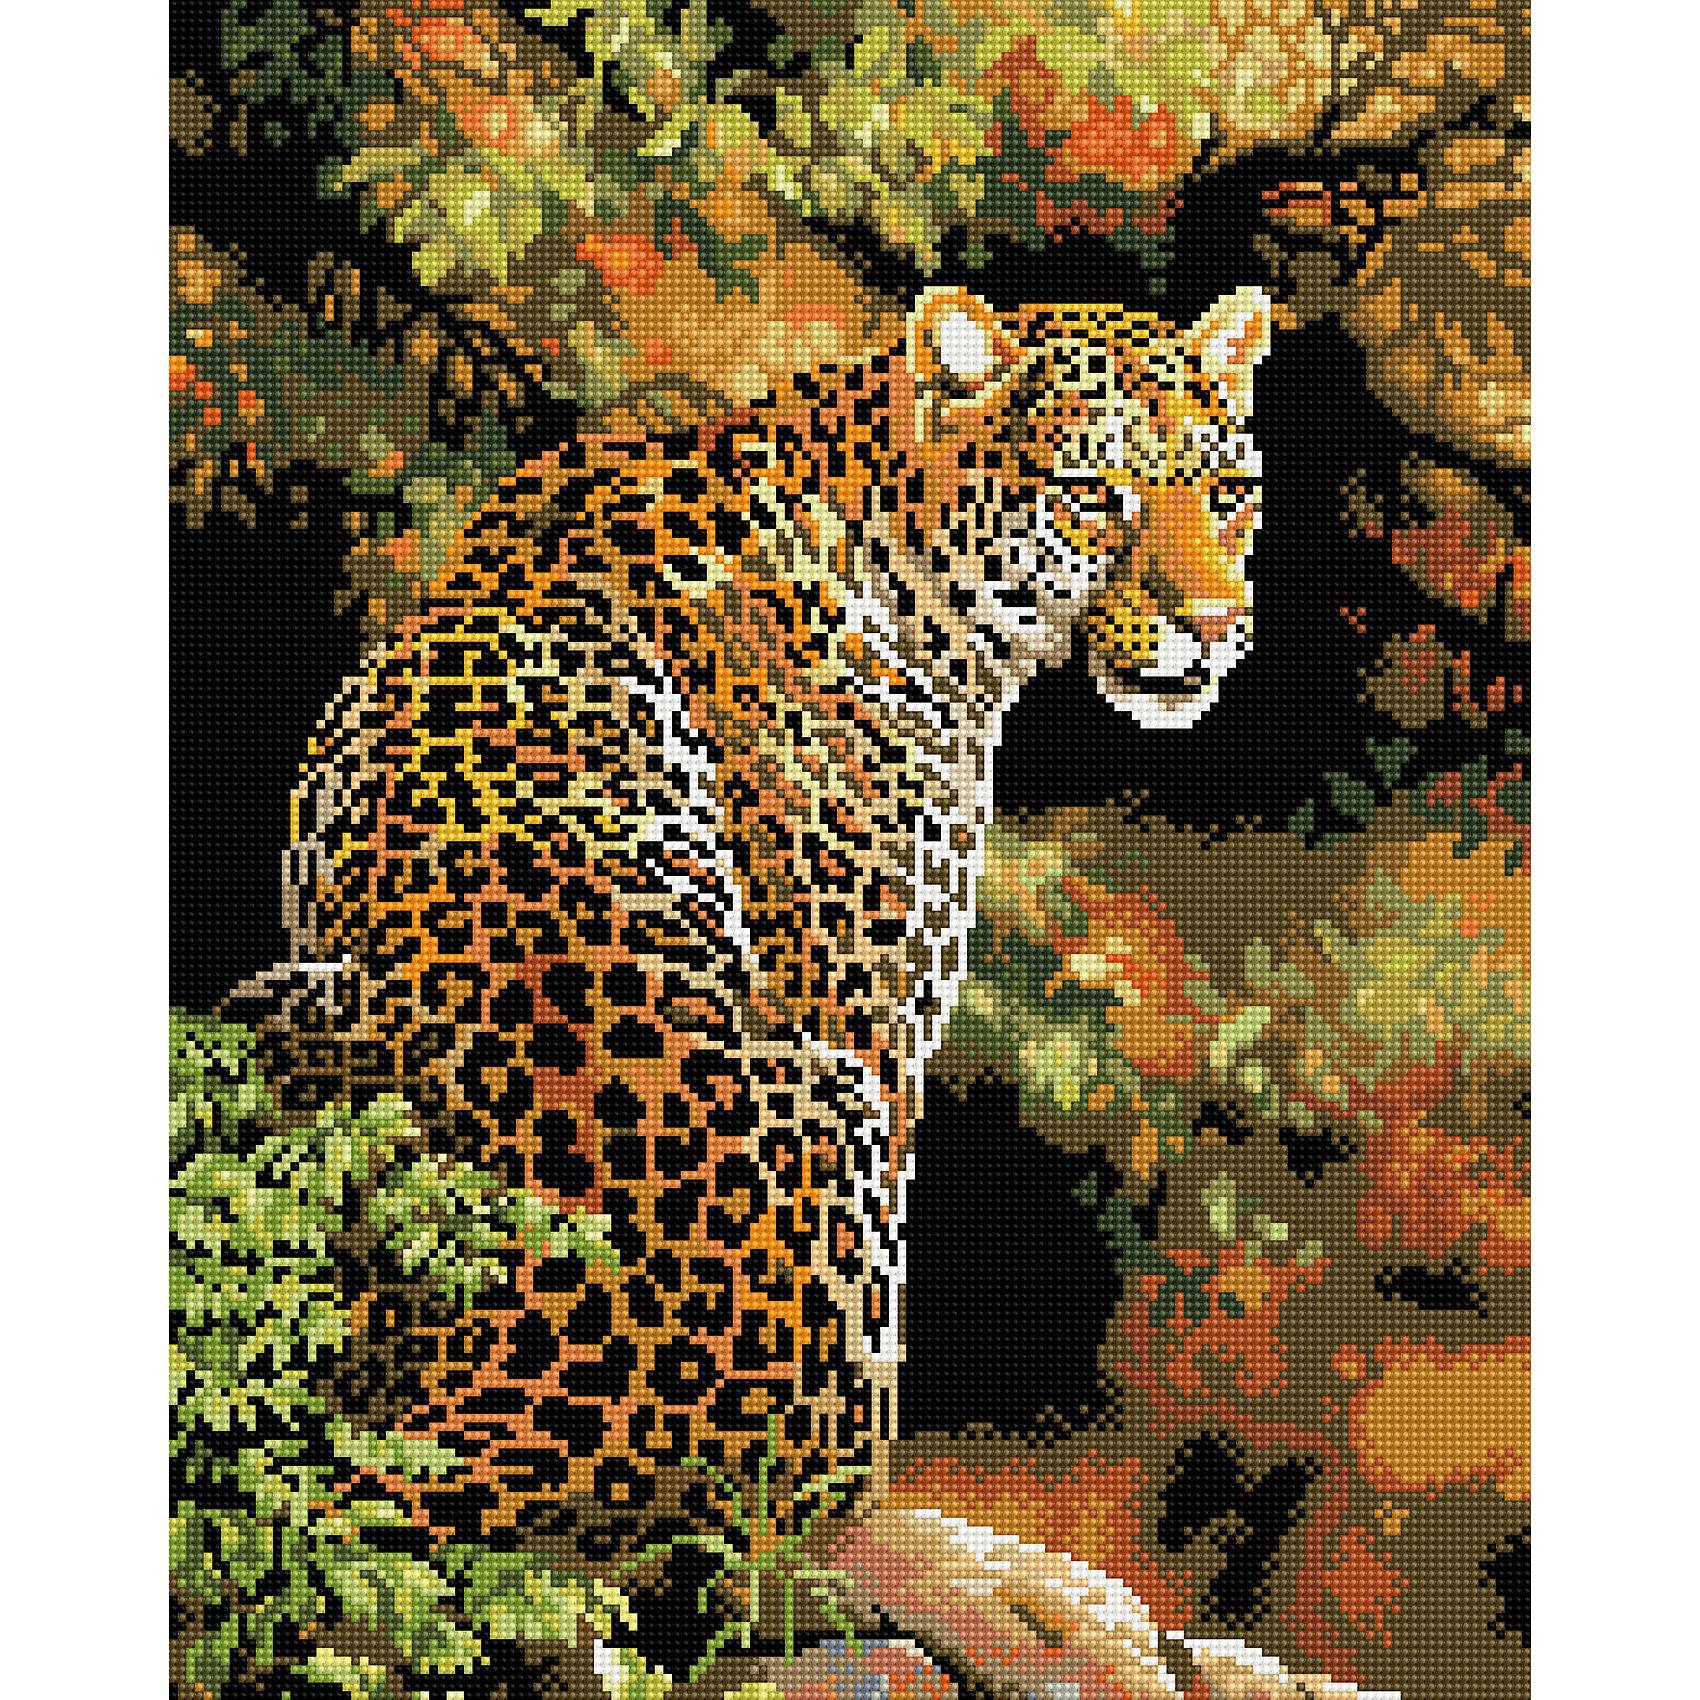 Алмазная мозаика Леопард 40*50 смМозаика<br>Характеристики:<br><br>• Предназначение: для занятий творчеством в технике алмазной живописи<br>• Тематика: Животные<br>• Пол: для девочек<br>• Уровень сложности: средний<br>• Материал: дерево, бумага, акрил, пластик<br>• Цвет: оттенки коричневого, оранжевый, желтый, зеленый и др.<br>• Количество цветов: 26<br>• Комплектация: холст на подрамнике, стразы, пинцет, карандаш для камней, клей, лоток для камней, инструкция<br>• Размеры (Ш*Д): 40*50 см<br>• Тип выкладки камней: сплошное заполнение рисунка<br>• Стразы квадратной формы <br>• Вес: 900 г <br>• Упаковка: картонная коробка<br><br>Алмазная мозаика Леопард 40*50 см – это набор для создания картины в технике алмазной живописи. Набор для творчества включает в себя холст, на который нанесена схема рисунка, комплекта разноцветных страз квадратной формы, подрамника и инструментов для выкладки узора. Все использованные в наборе материалы экологичные и нетоксичные. Картина выполняется в технике сплошного заполнения декоративными элементами поверхности холста, что обеспечивает высокую реалистичность рисунка. На схеме изображен леопард, сидящий на дереве. <br>Готовые наборы для алмазной мозаики – это оптимальный вариант для любителей рукоделия, так как в них предусмотрены все материалы в требуемом для изготовления картины количестве. Занятия алмазной живописью позволят развивать навыки чтения схем, выполнения заданий по образцу, будут способствовать внимательности, терпению и развитию мелкой моторики. <br>Наборы алмазной мозаики могут быть преподнесены в качестве подарка не только девочкам, но и взрослым любительницам рукоделия.<br><br>Алмазную мозаику Леопард 40*50 см можно купить в нашем интернет-магазине.<br><br>Ширина мм: 420<br>Глубина мм: 520<br>Высота мм: 50<br>Вес г: 900<br>Возраст от месяцев: 96<br>Возраст до месяцев: 2147483647<br>Пол: Женский<br>Возраст: Детский<br>SKU: 5217140